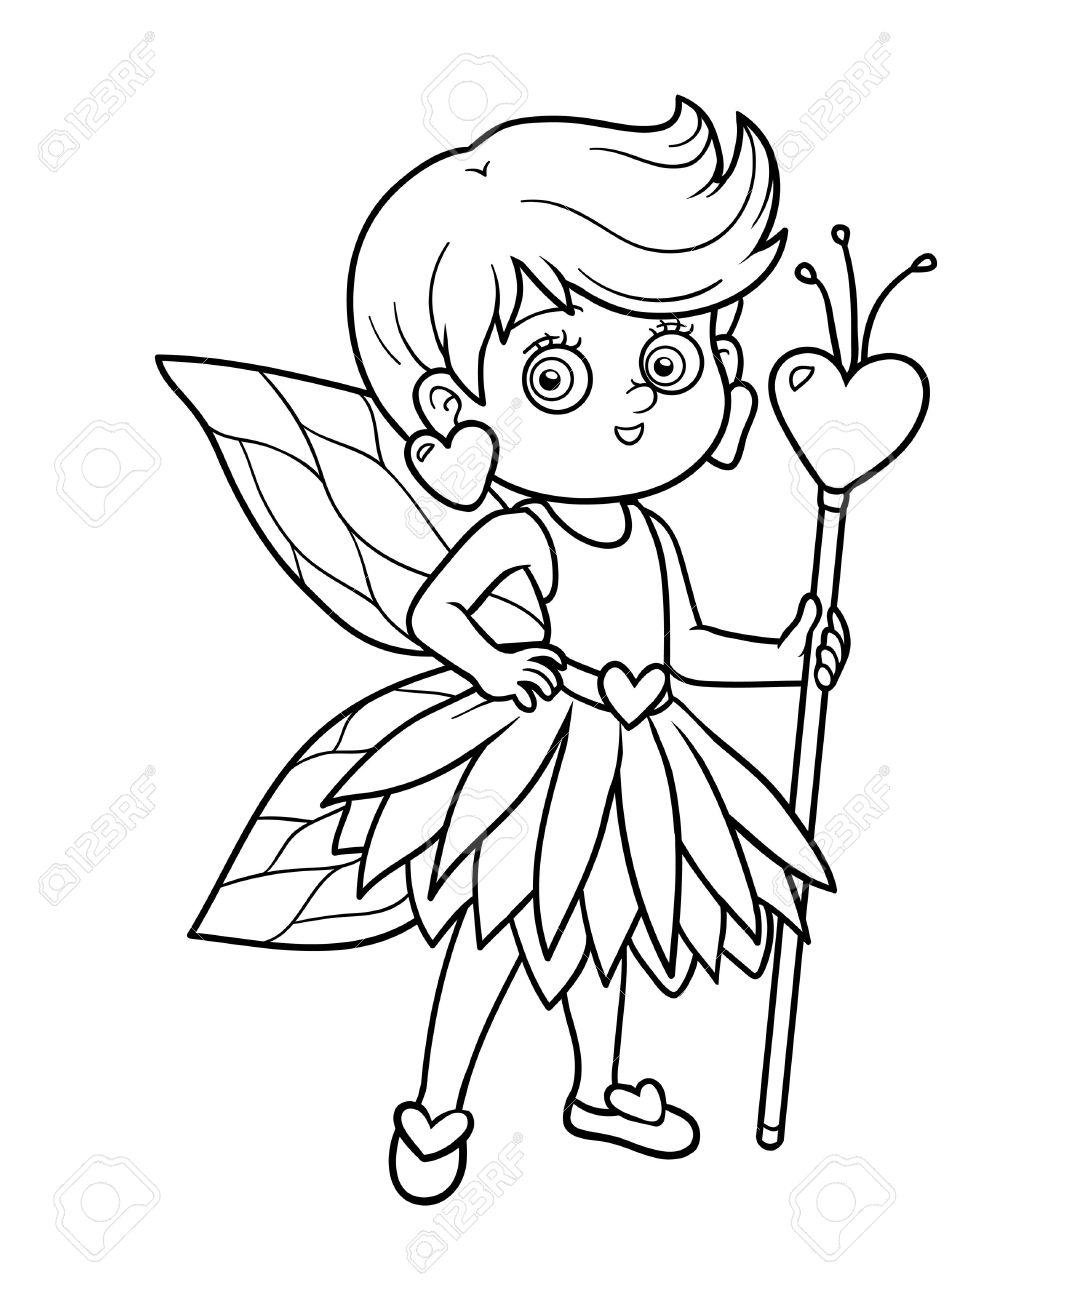 Libro Para Colorear Para Niños: Niña De Hadas Ilustraciones ...